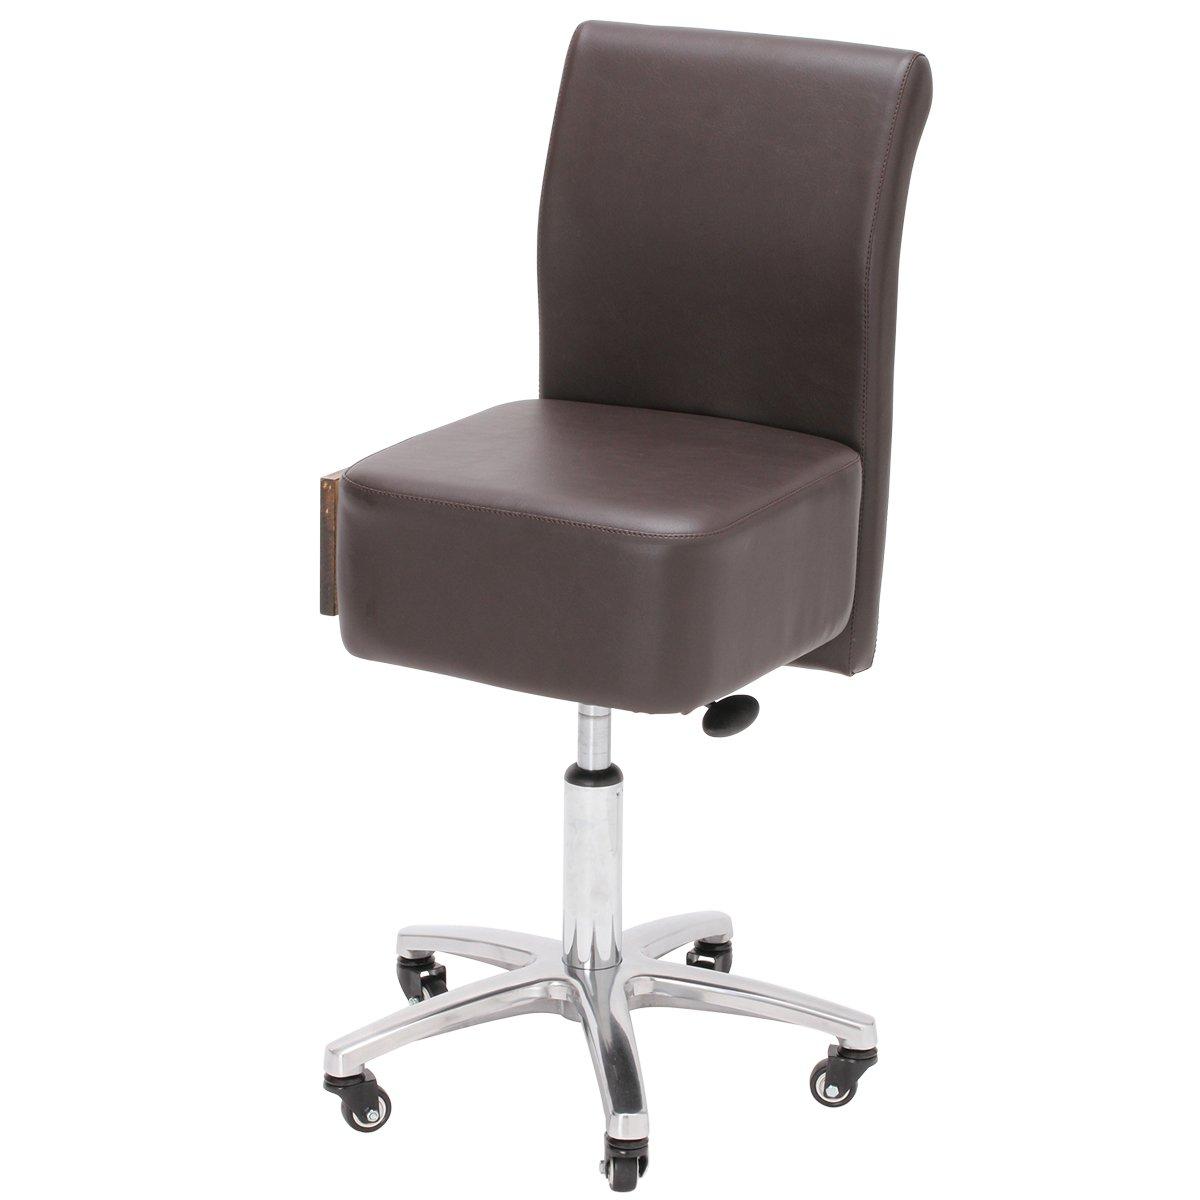 スツール Calm (引き出し付き) ダークブラウン [ 丸椅子 キャスター エステスツール キャスター付き椅子 キャスタースツール 診察椅子 回転椅子 ワーキング ワーク イス 椅子 チェア チェアー 背もたれ付き 昇降式 ] B07D9CJCZQ